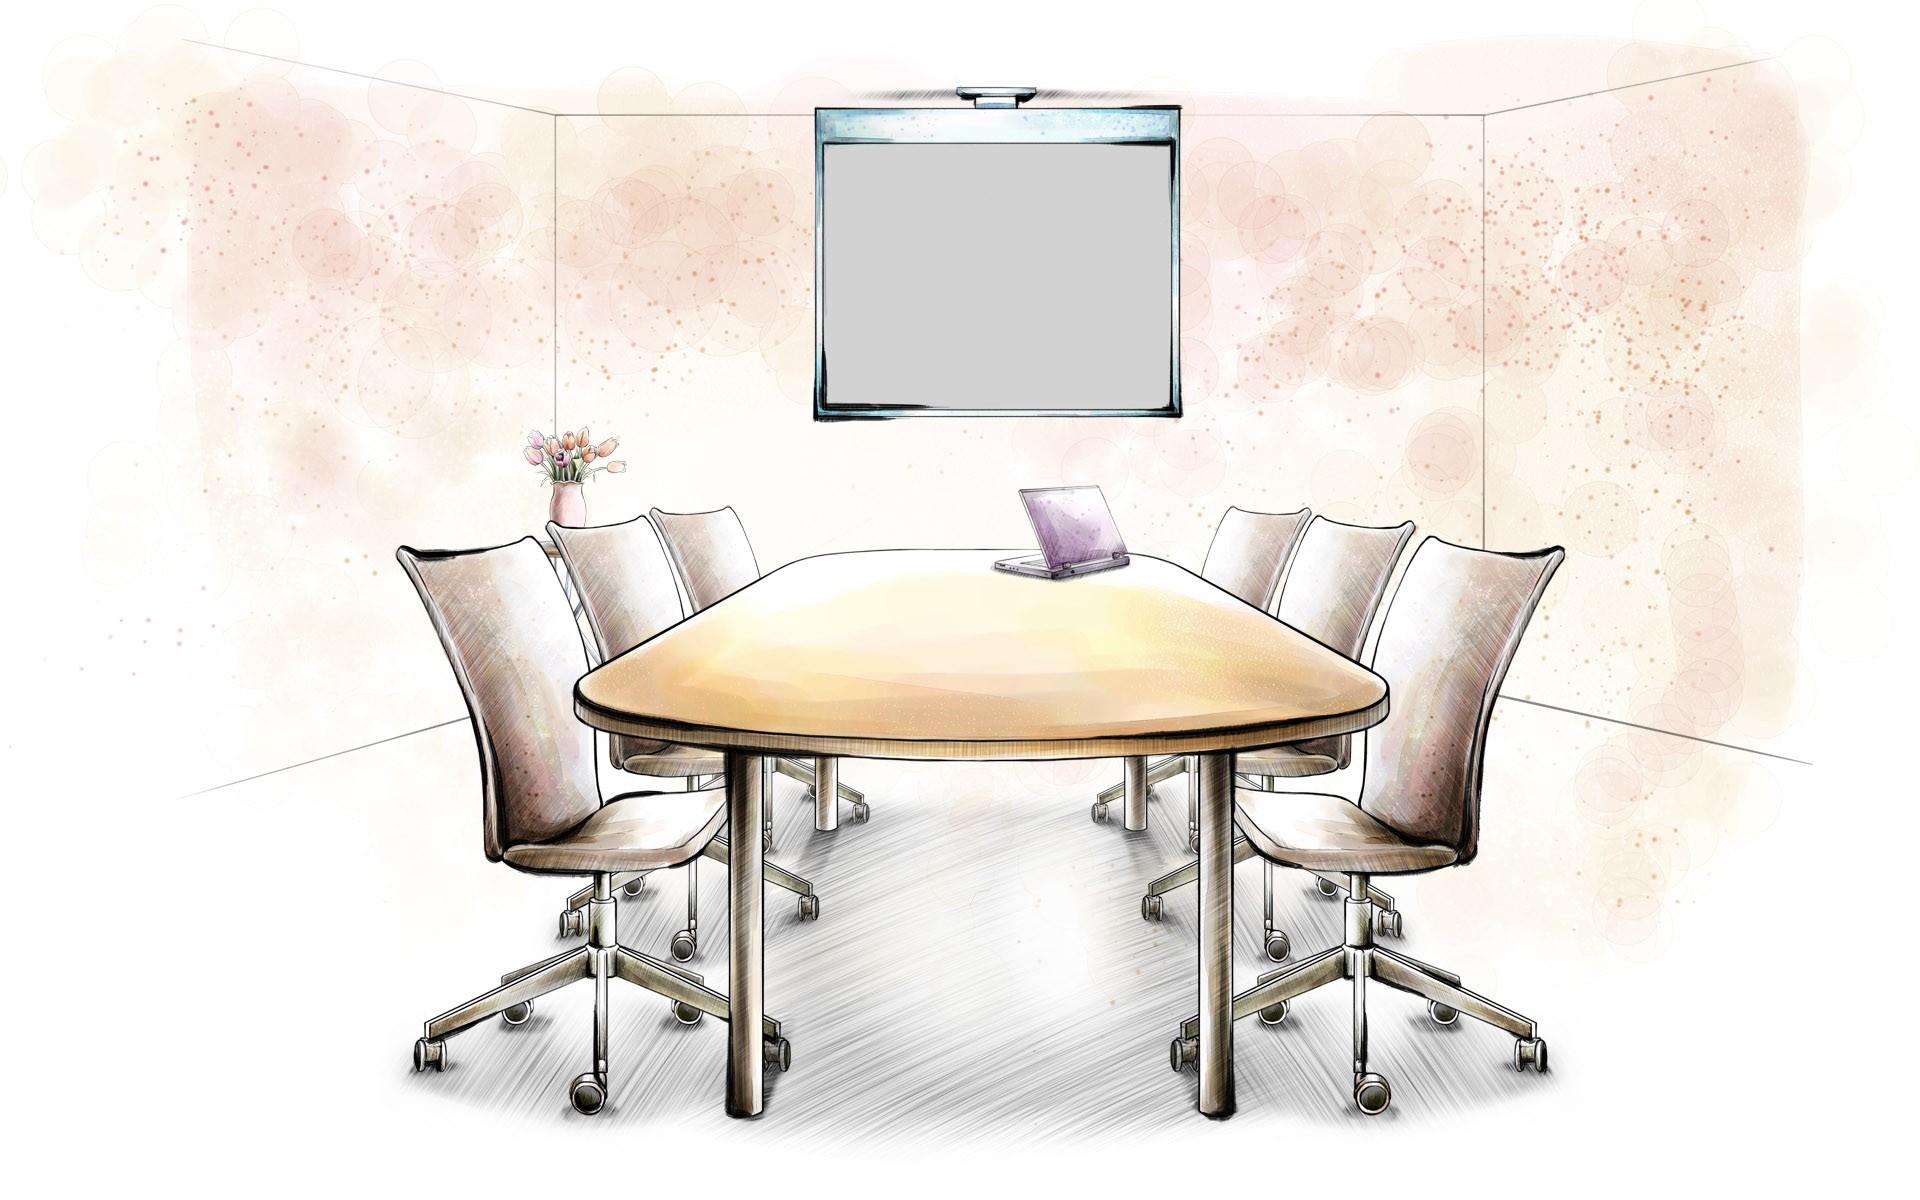 Design interior furniture drawings wallpaper 1920x1200 59775 1920x1200